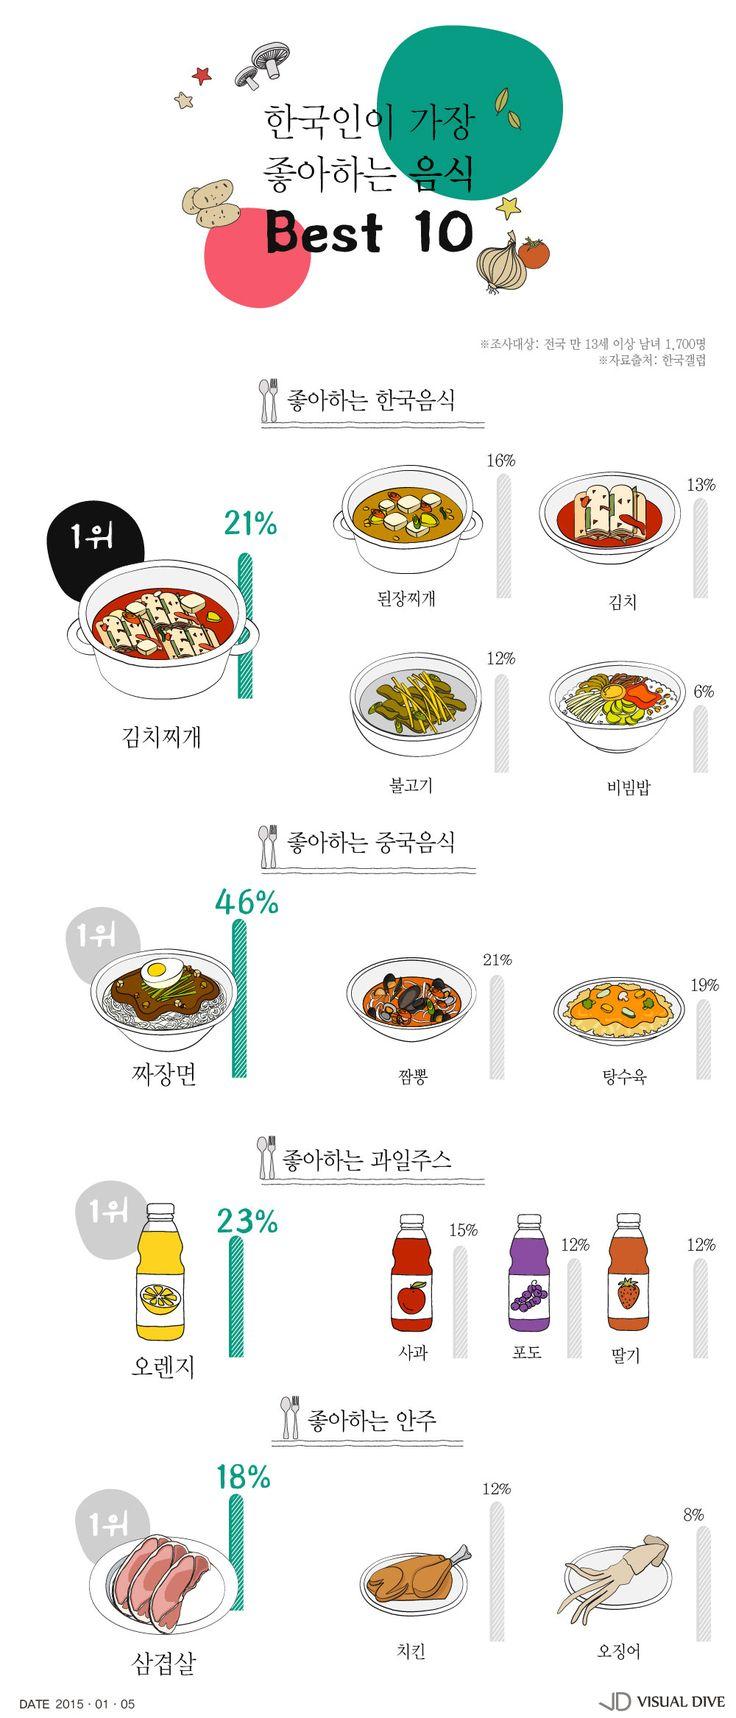 '한국인의 한국음식' 1위 김치찌개…연령대별 입맛 달라 [인포그래픽] #Korean Food / #Infographic ⓒ 비주얼다이브 무단…